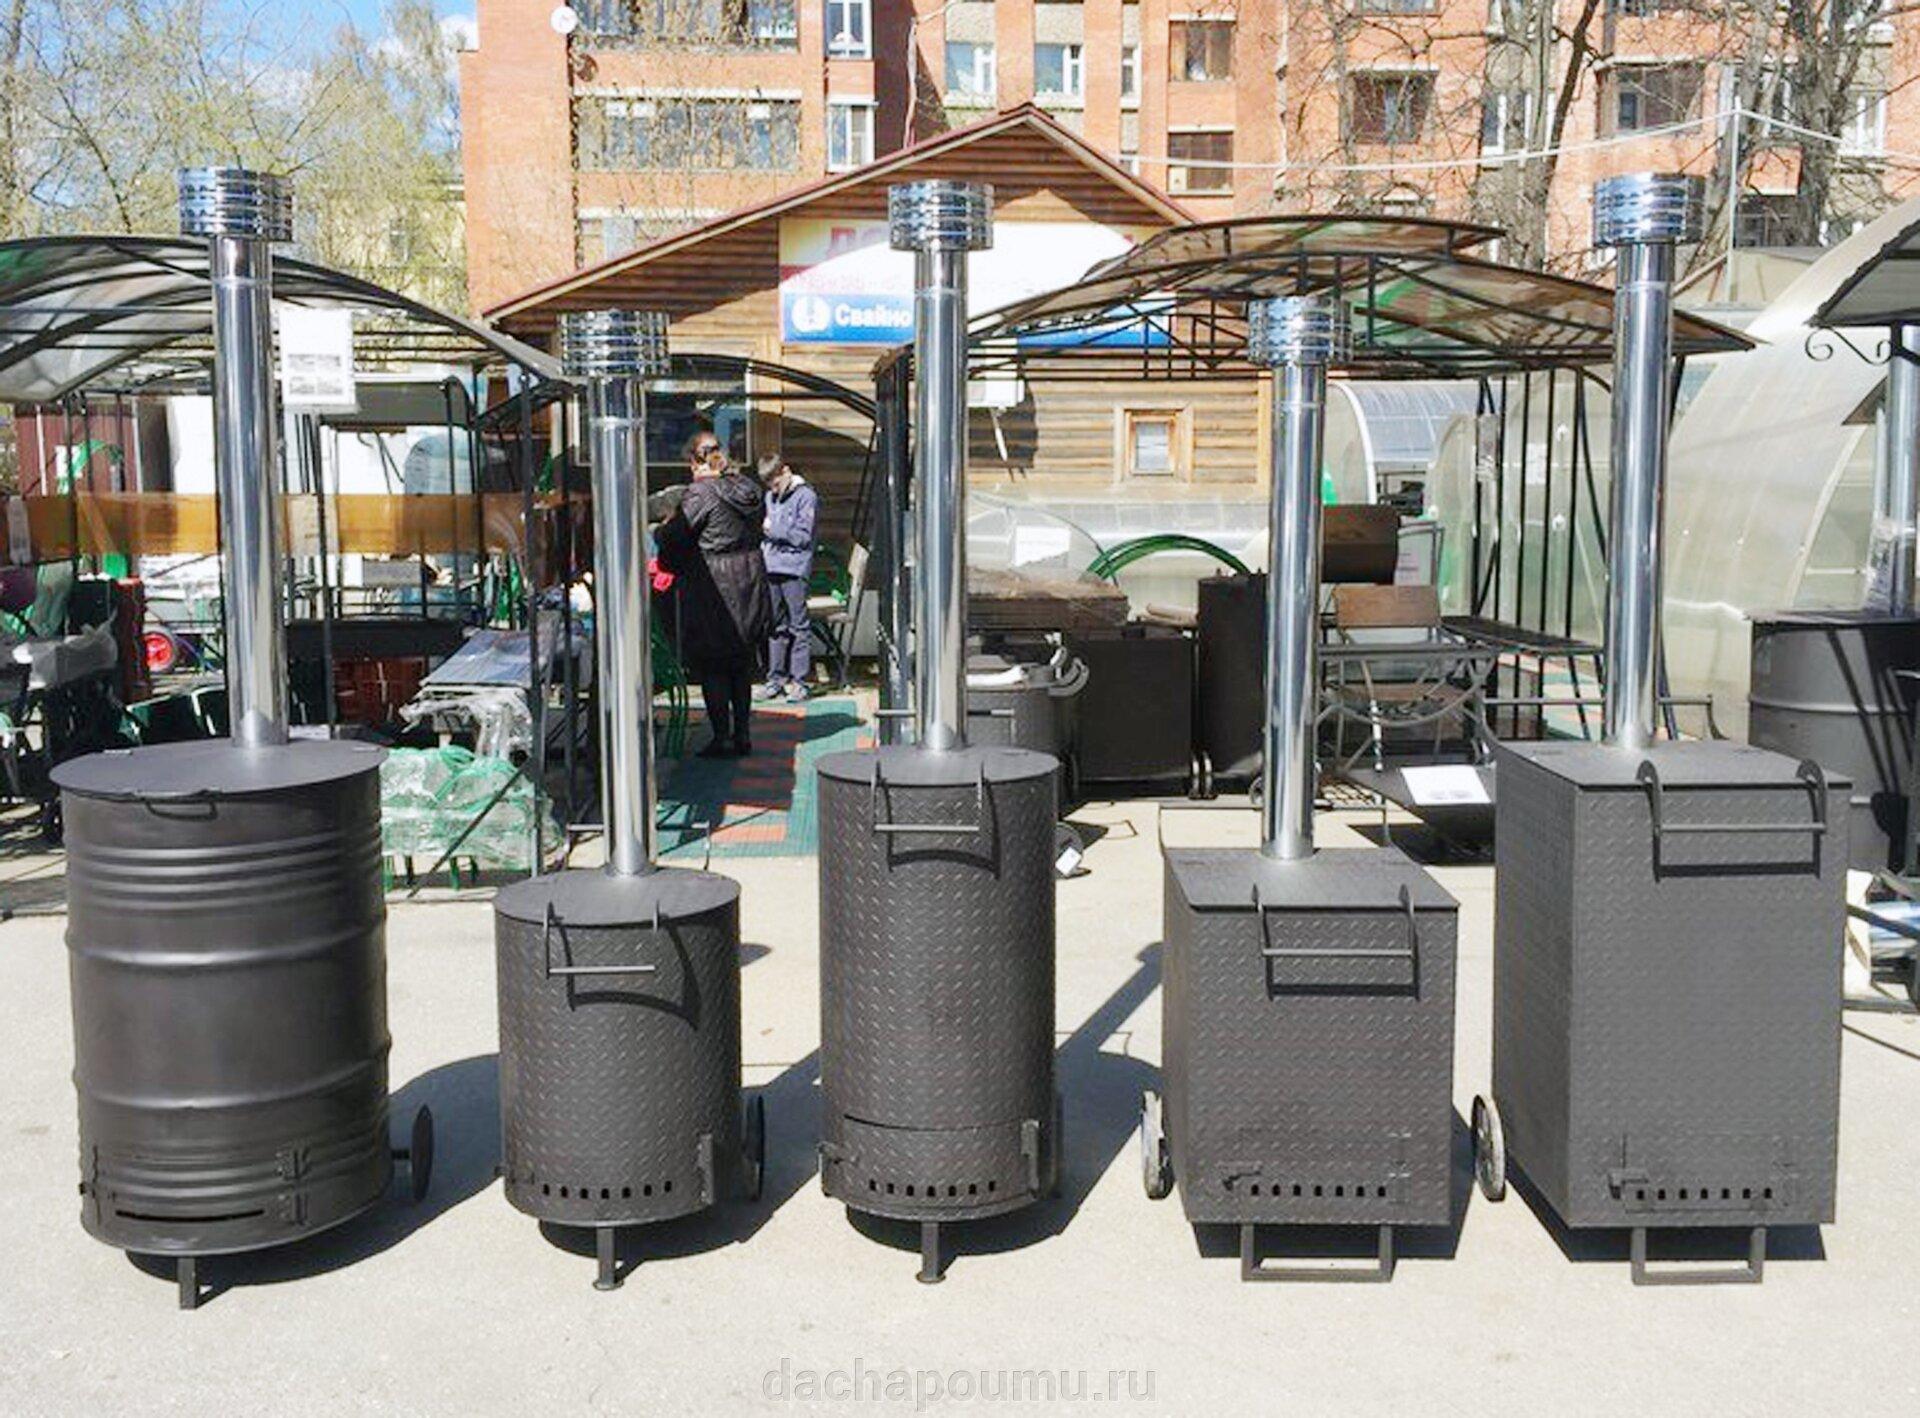 Печи для сжигания мусора - фото pic_ae56e72743bea7fba81b0a6ed3c3f739_1920x9000_1.jpg